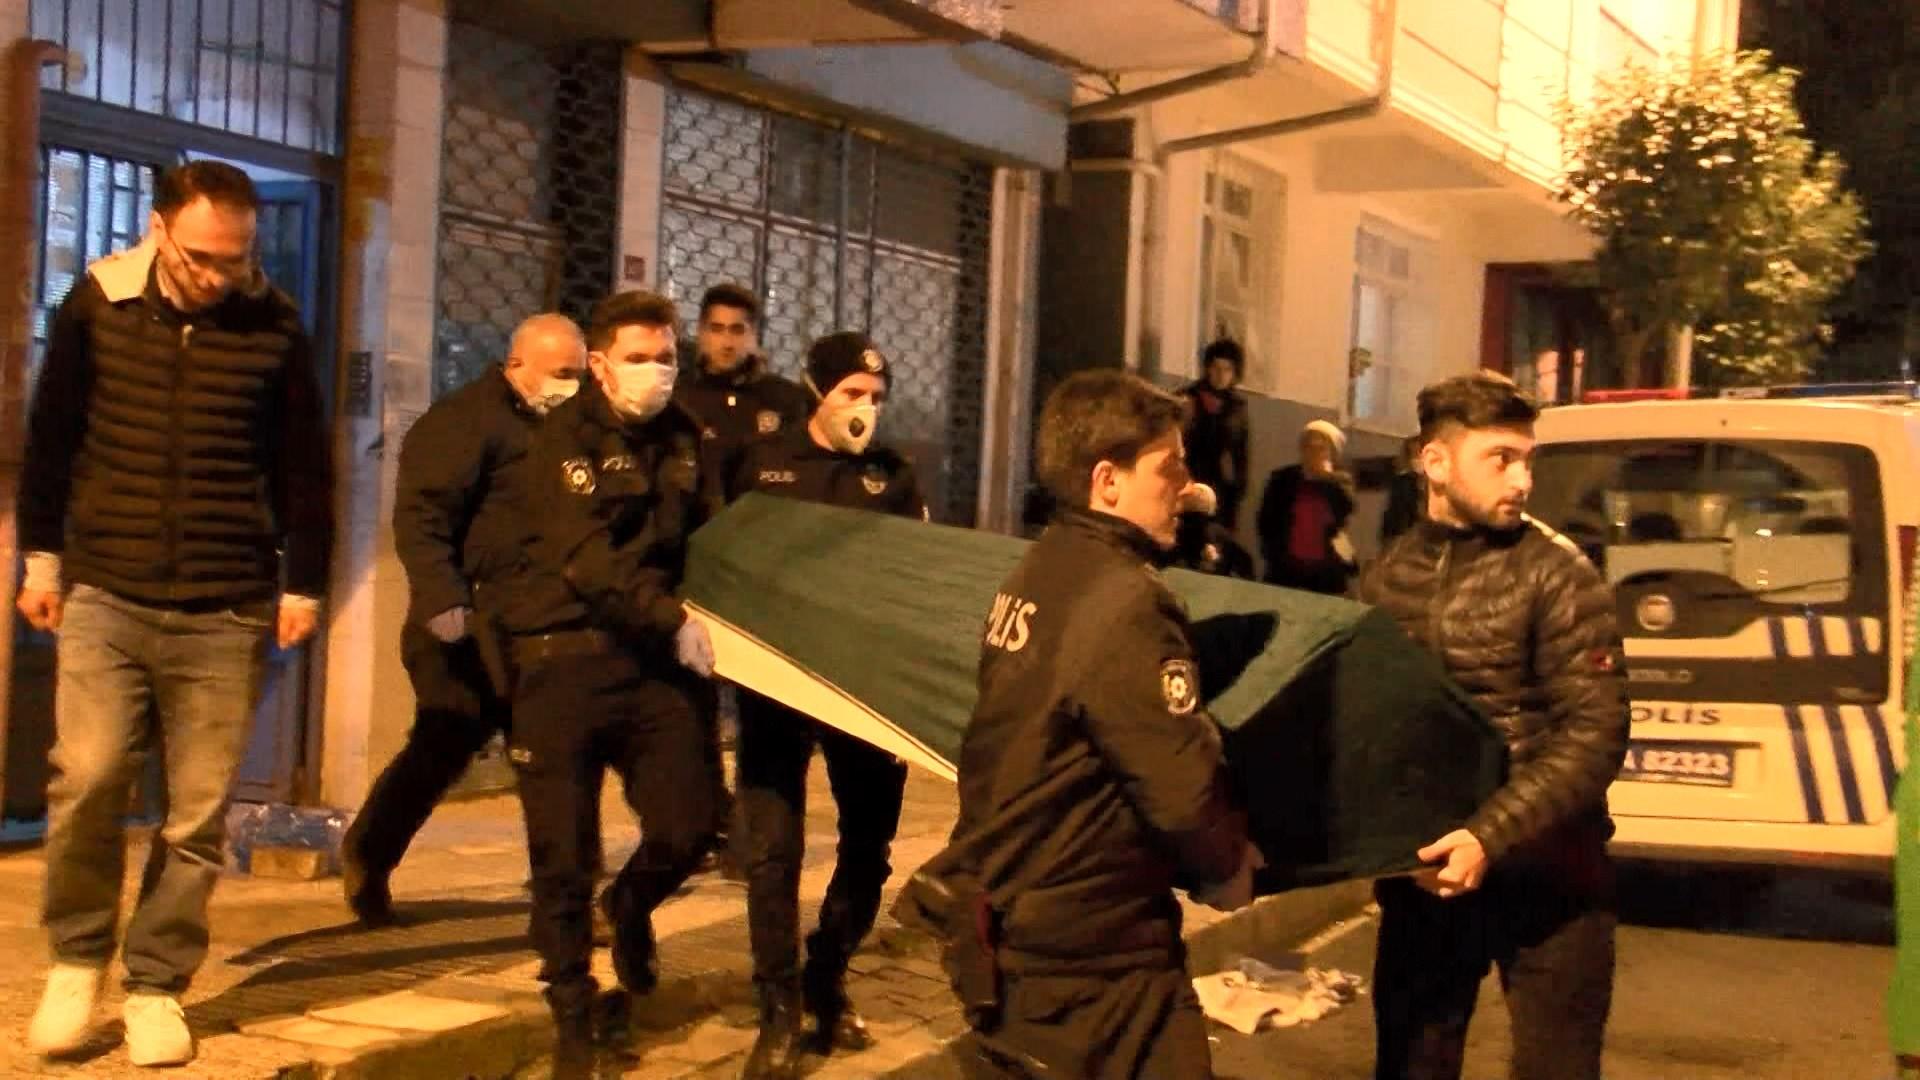 Güngören'de 1 kişi, kömürlükte öldürülmüş olarak bulundu